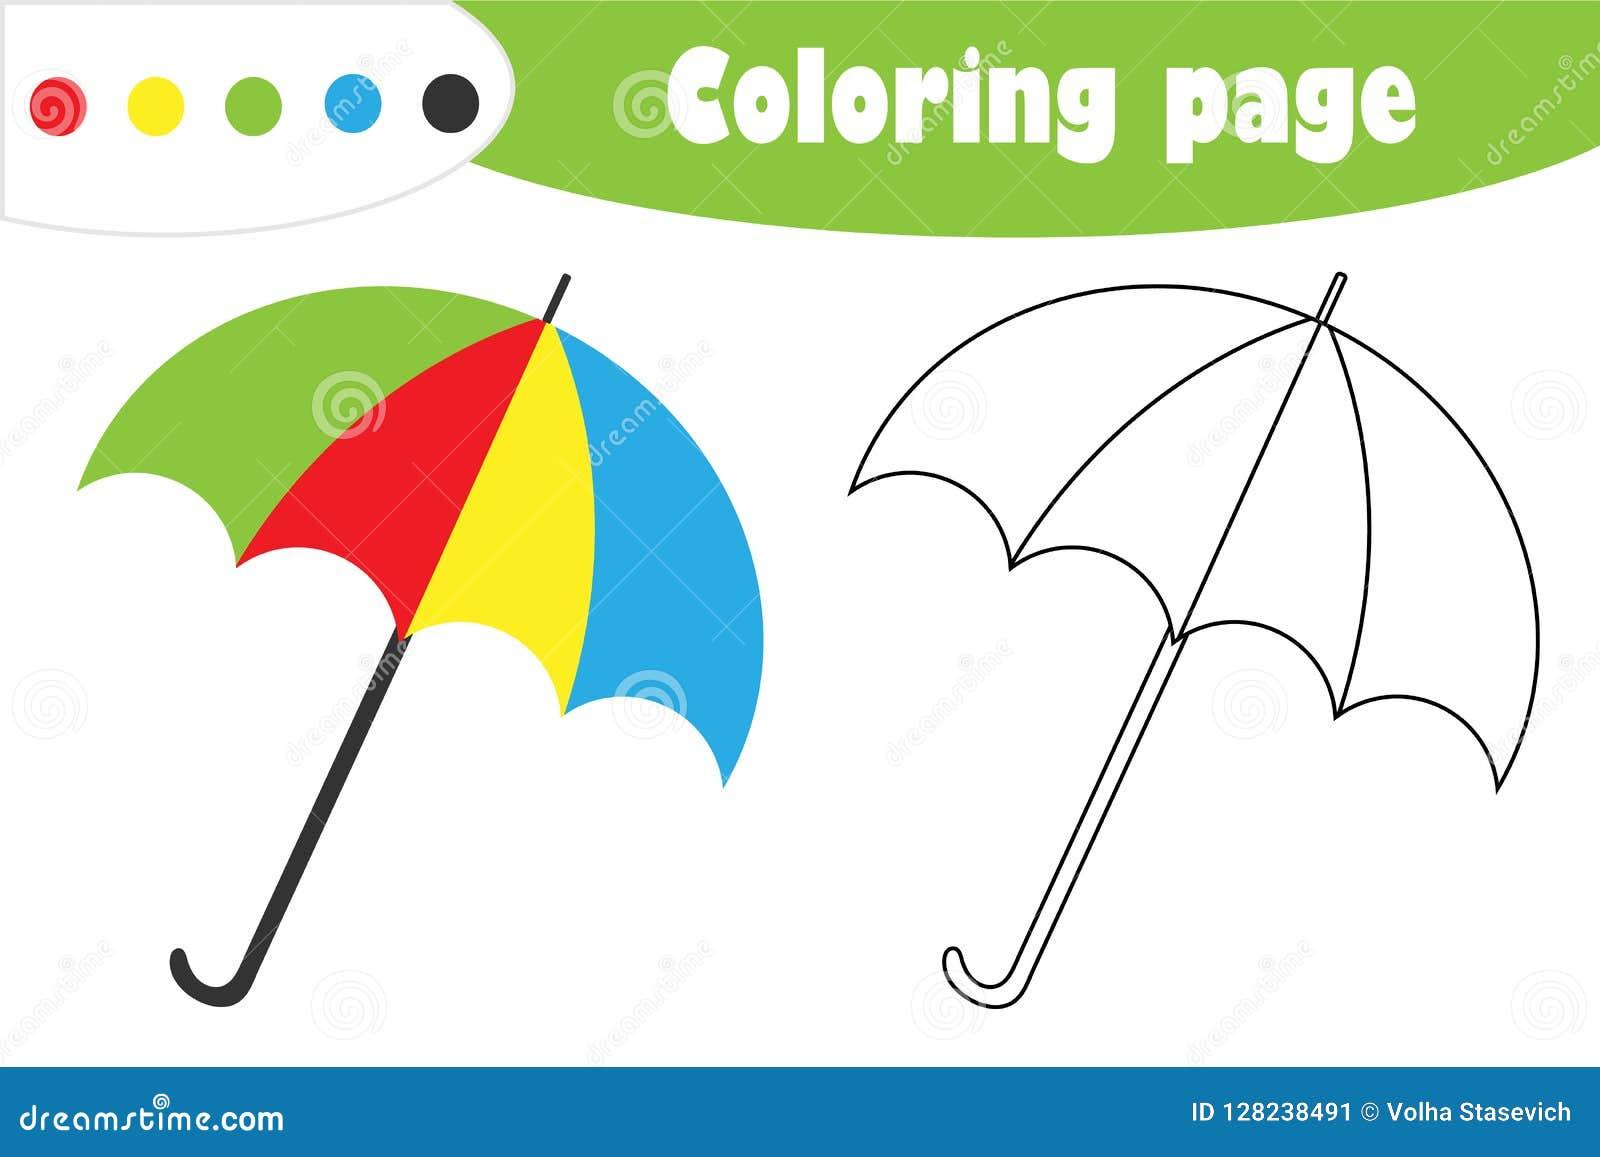 Ομπρέλα στο ύφος κινούμενων σχεδίων, χρωματίζοντας σελίδα φθινοπώρου, παιχνίδι εγγράφου εκπαίδευσης για την ανάπτυξη των παιδιών,